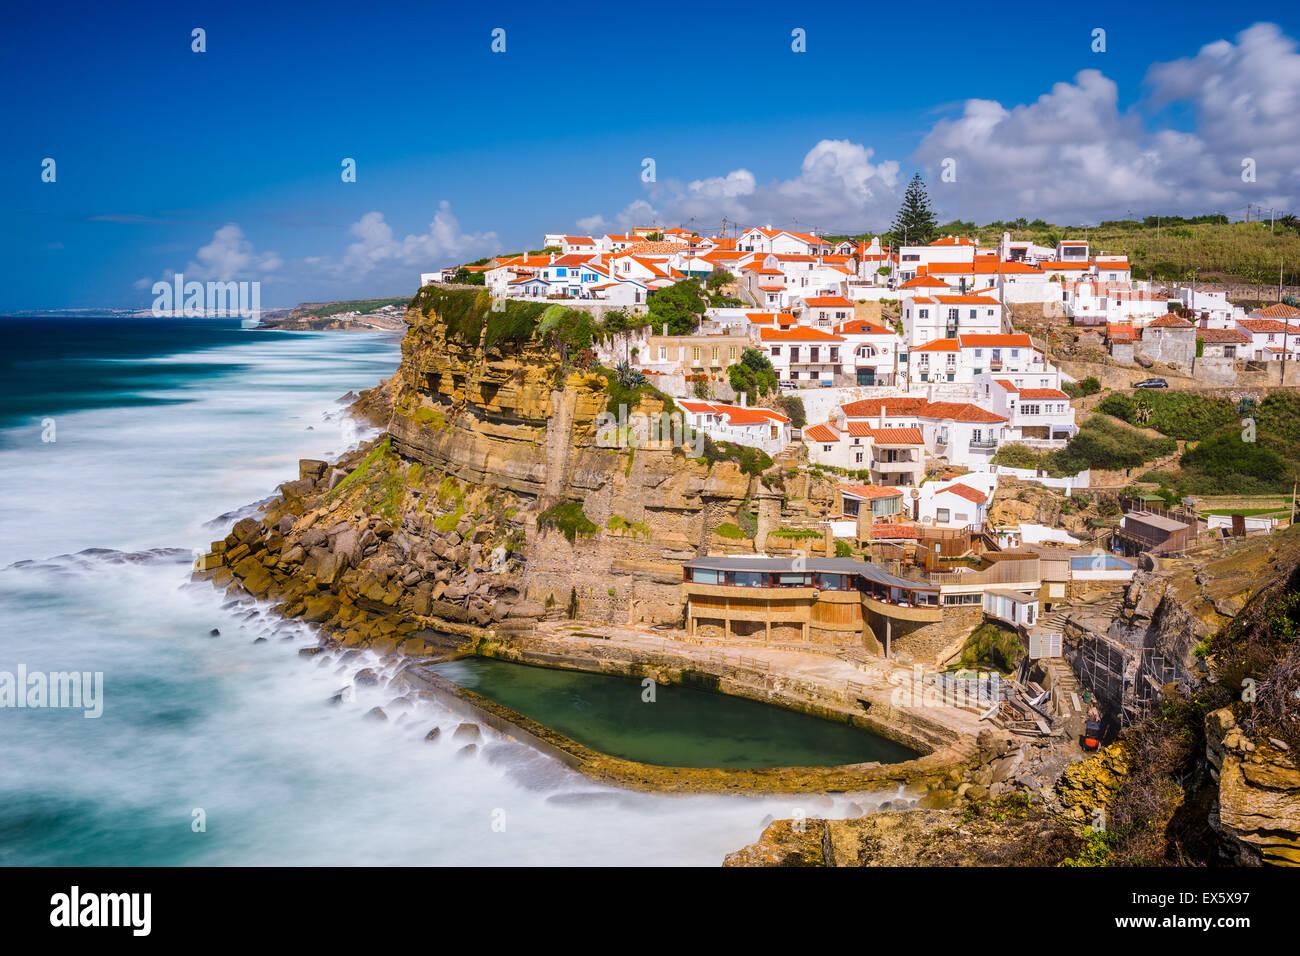 Azenhas do Mar, Portogallo città balneare. Immagini Stock